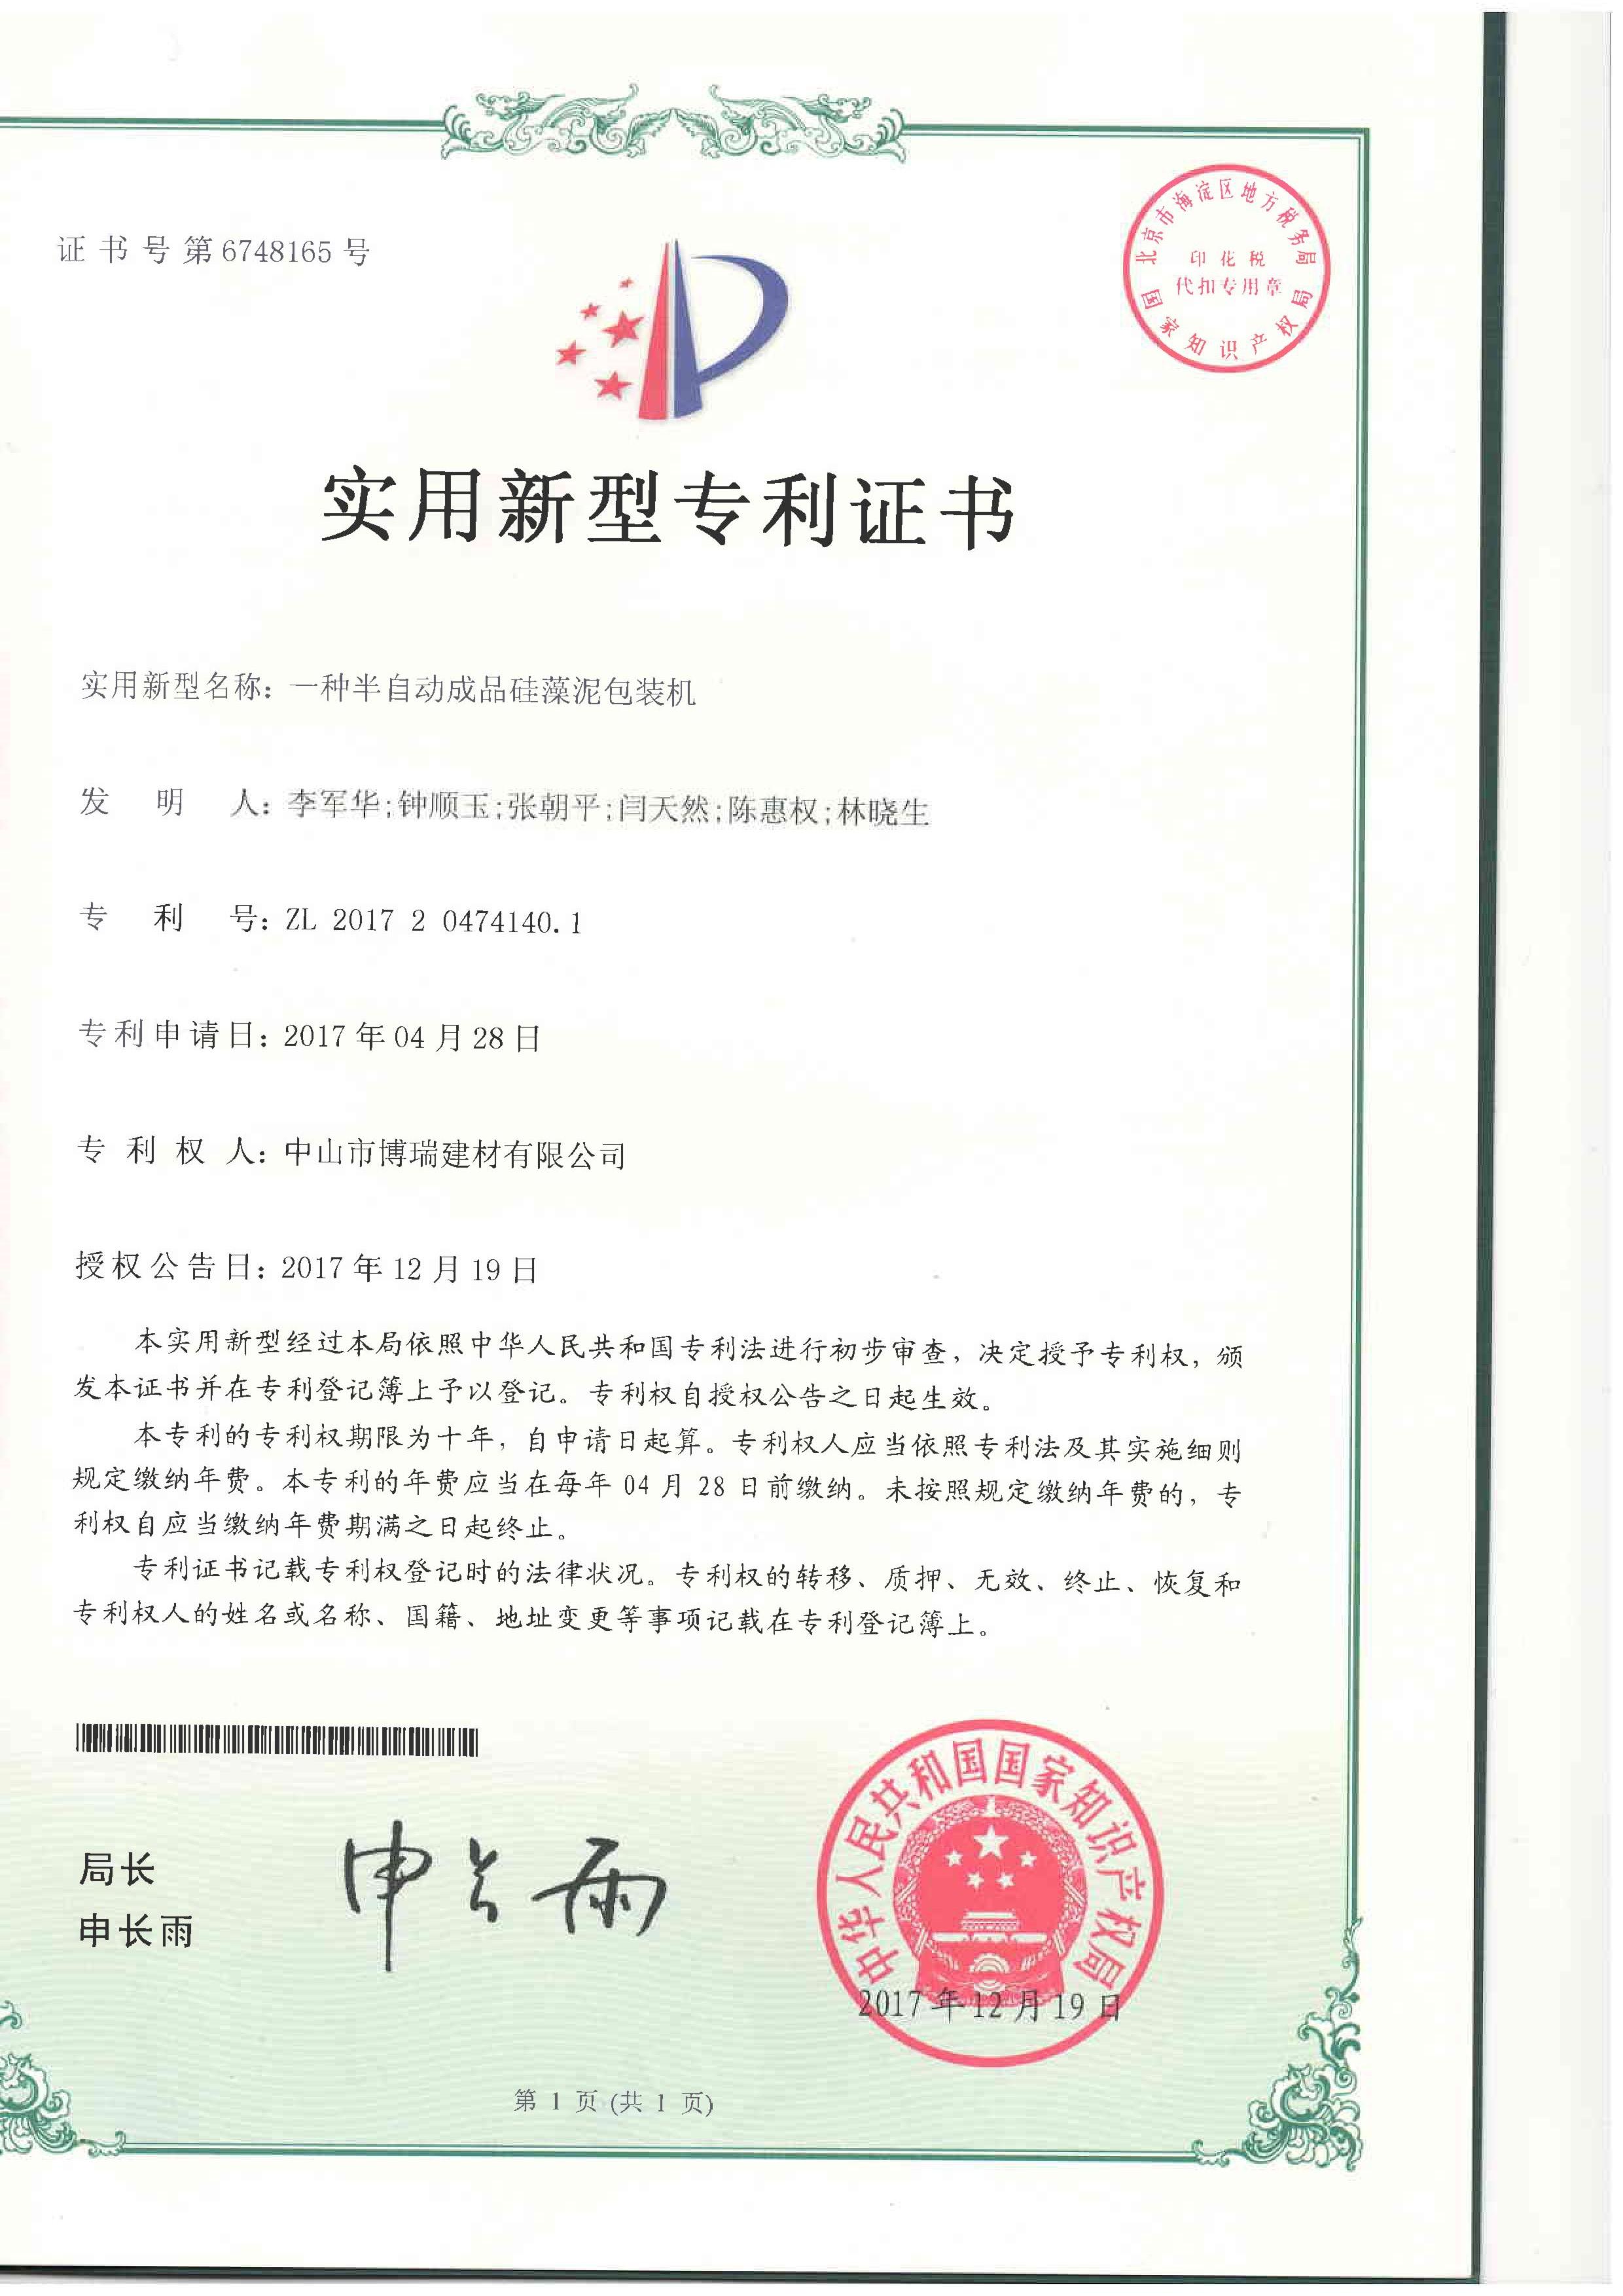 一种半自动陈品硅藻泥包装机专利